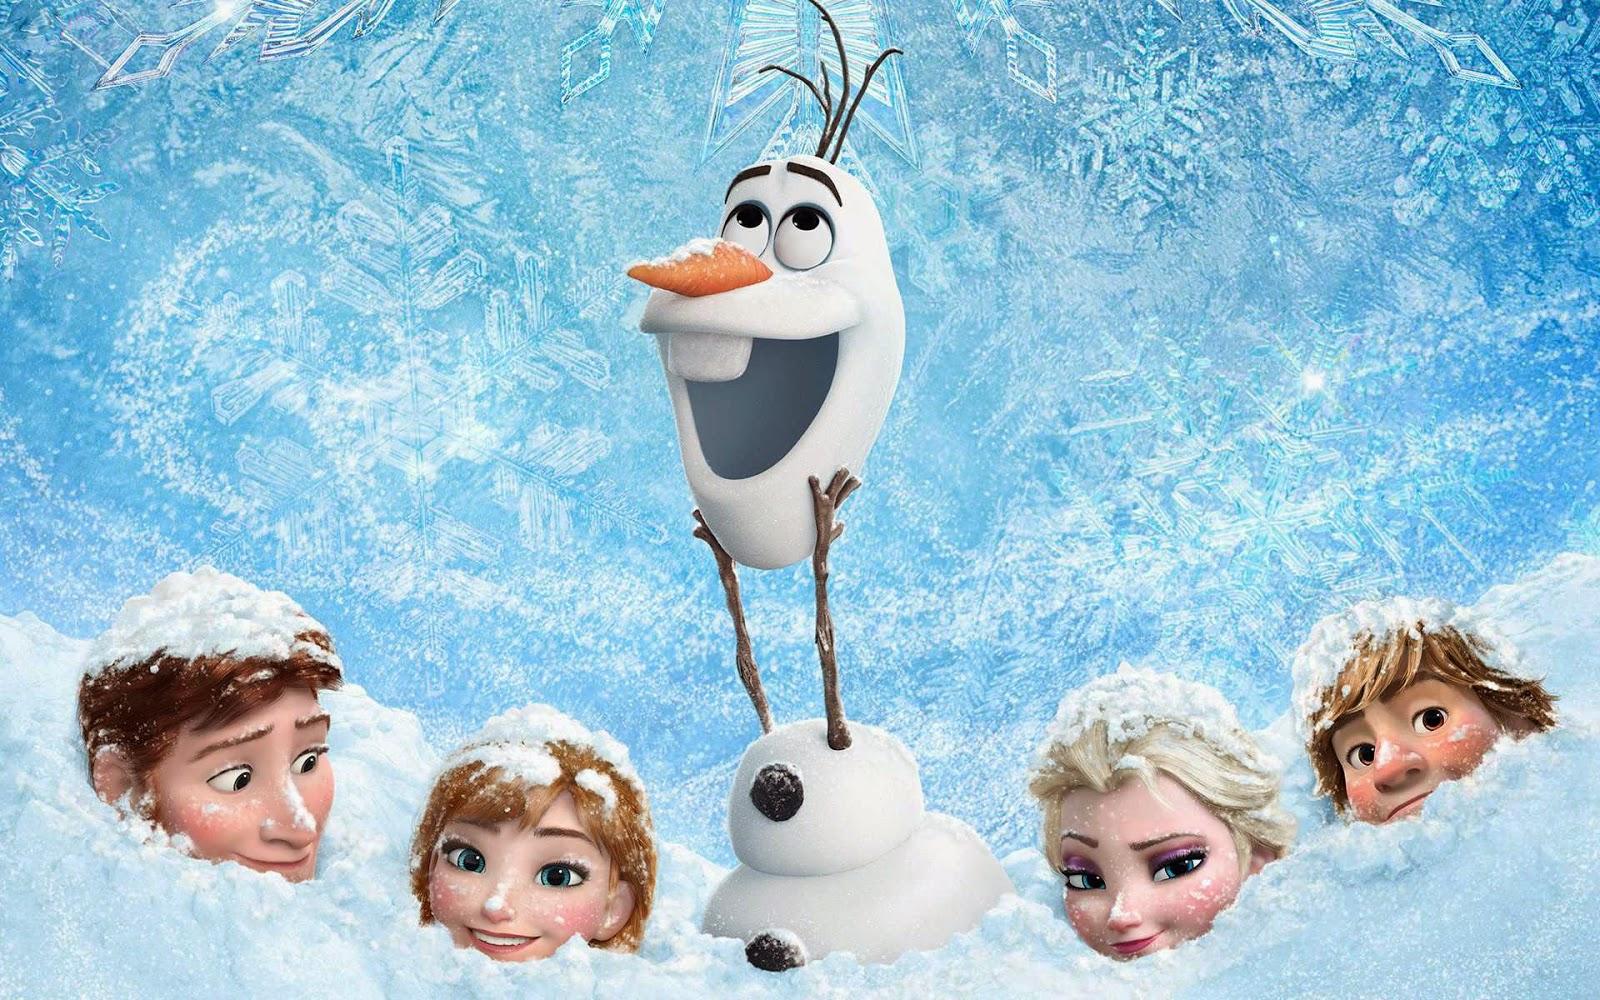 أجمل الخلفيات لفيلم Frozen (ملكة الثلج), party ideas 10 frozen secrets 10 frozen songs 10 frozen dolls